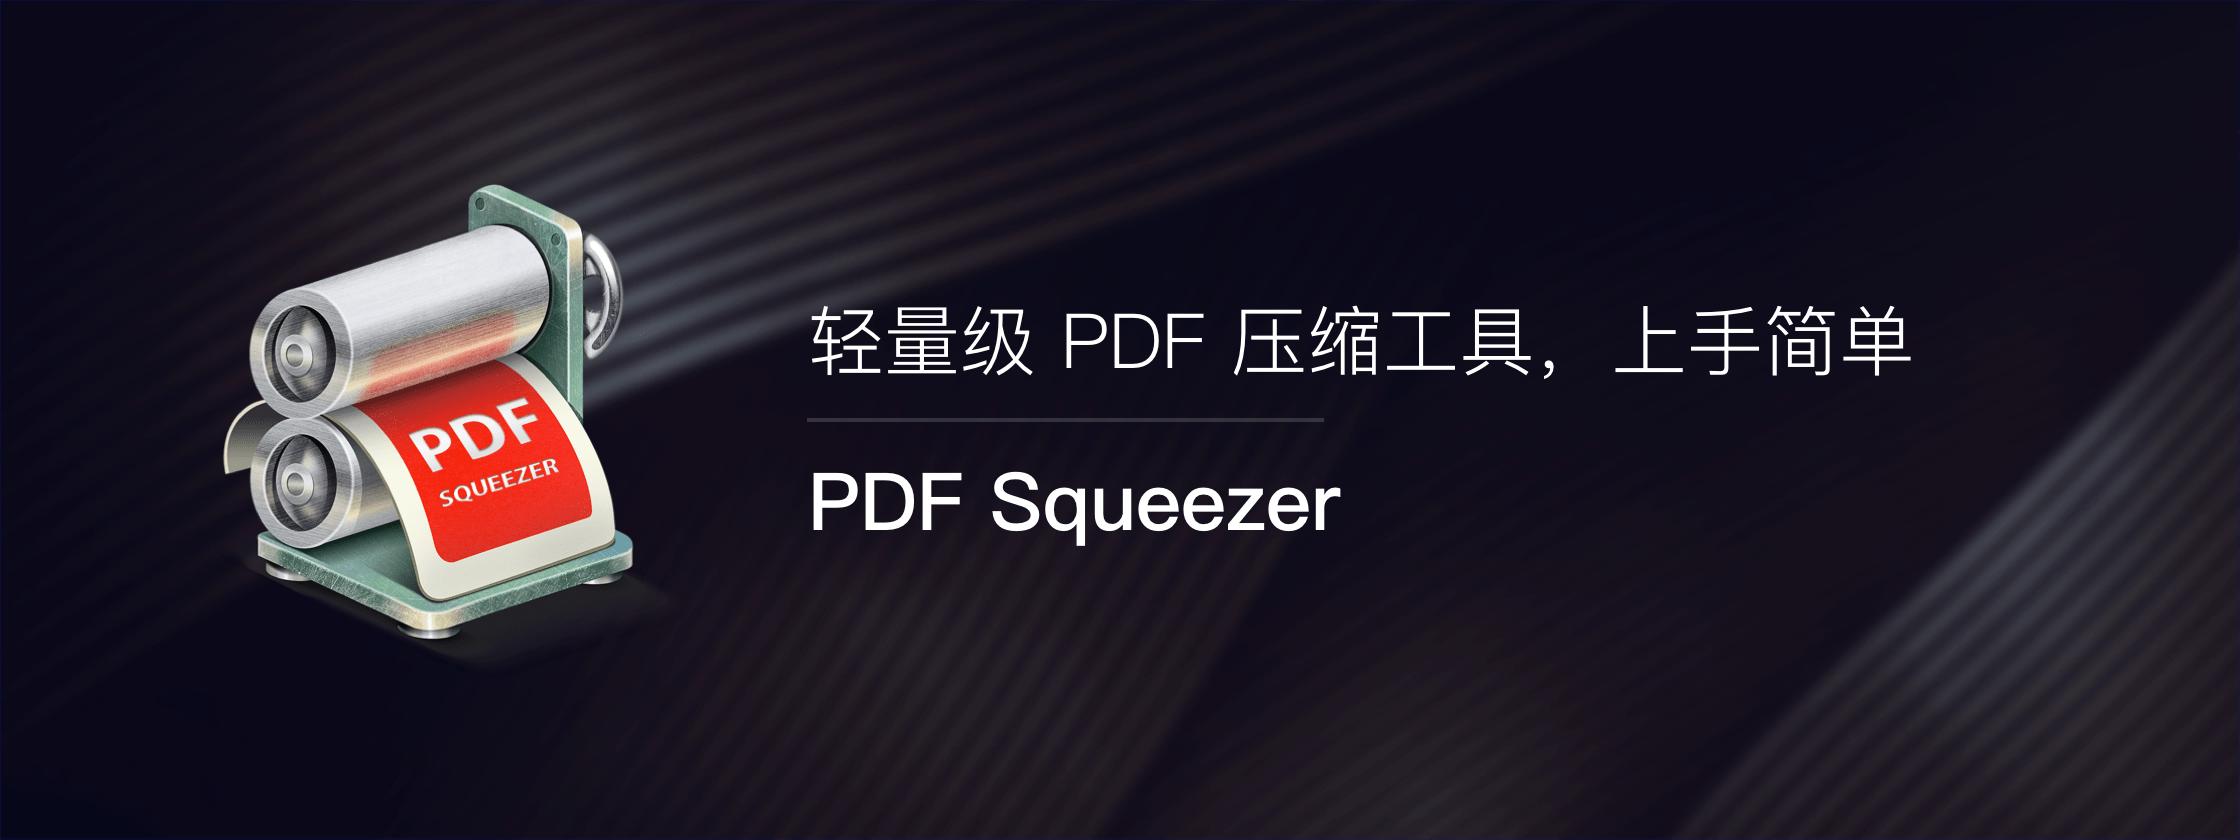 PDF Squeezer,轻量 PDF 压缩工具,上手简单